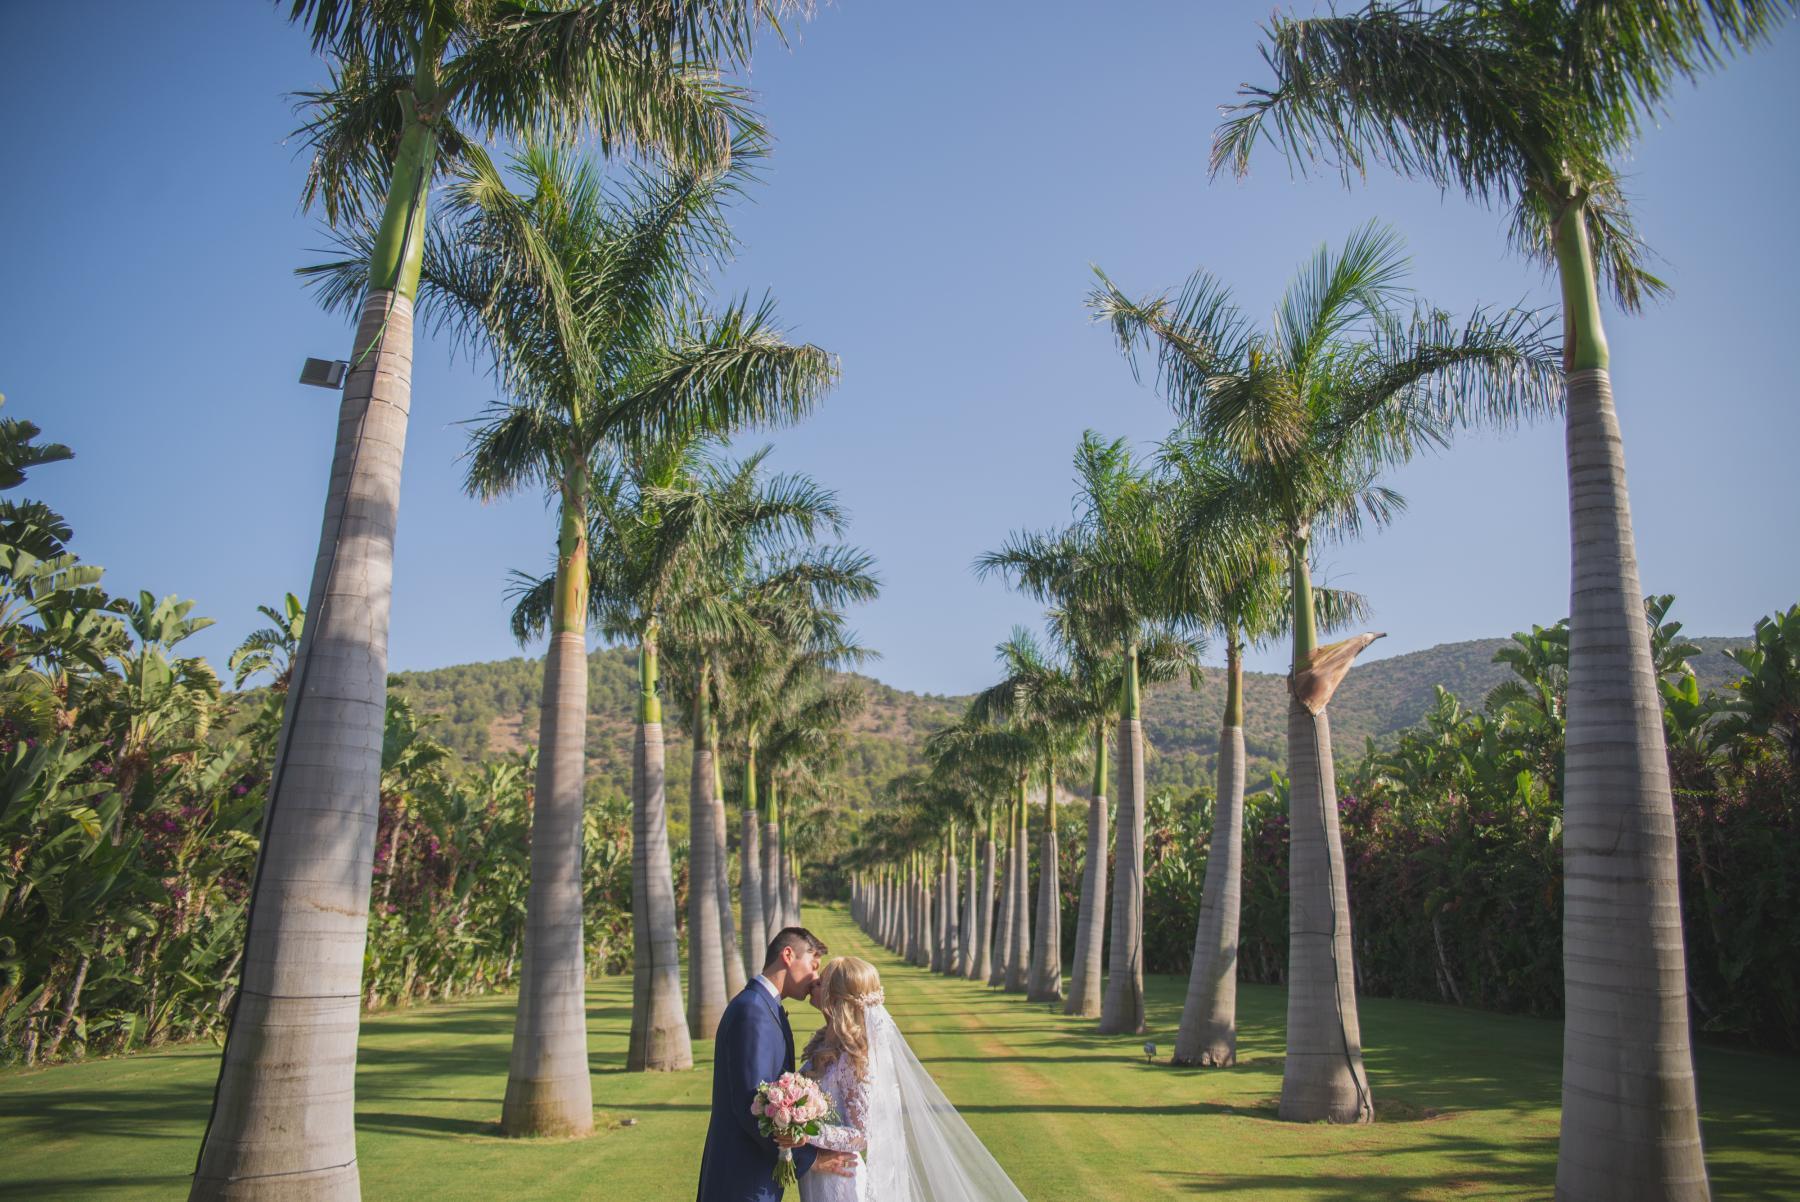 Bröllop i södra Spanien